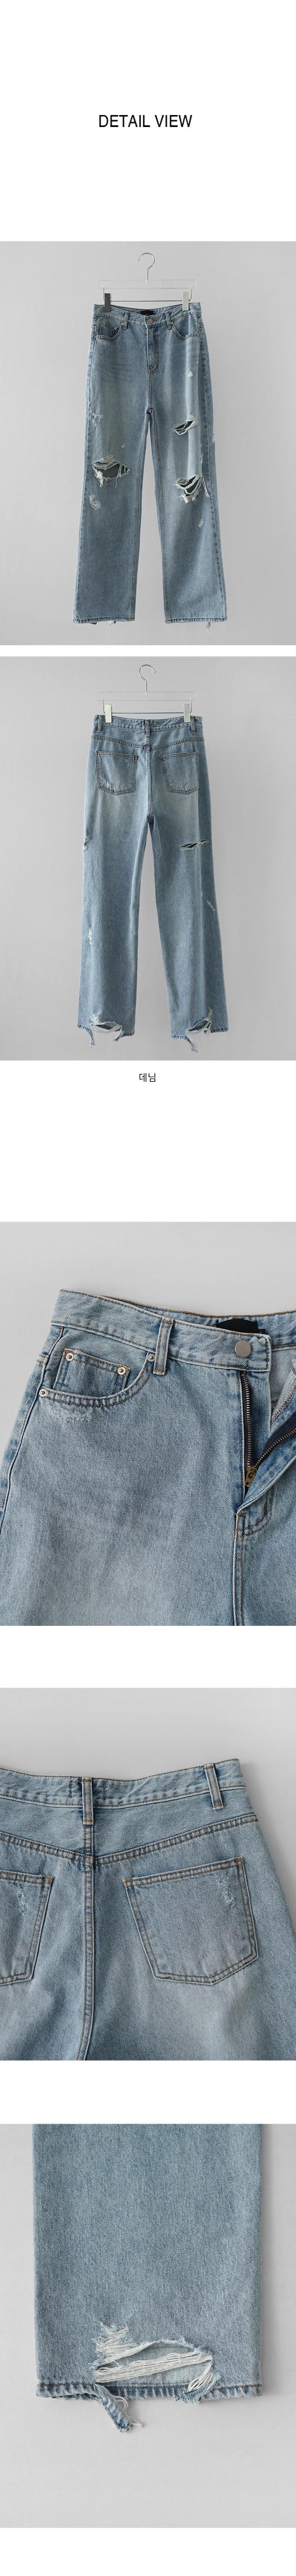 destroyed denim pants